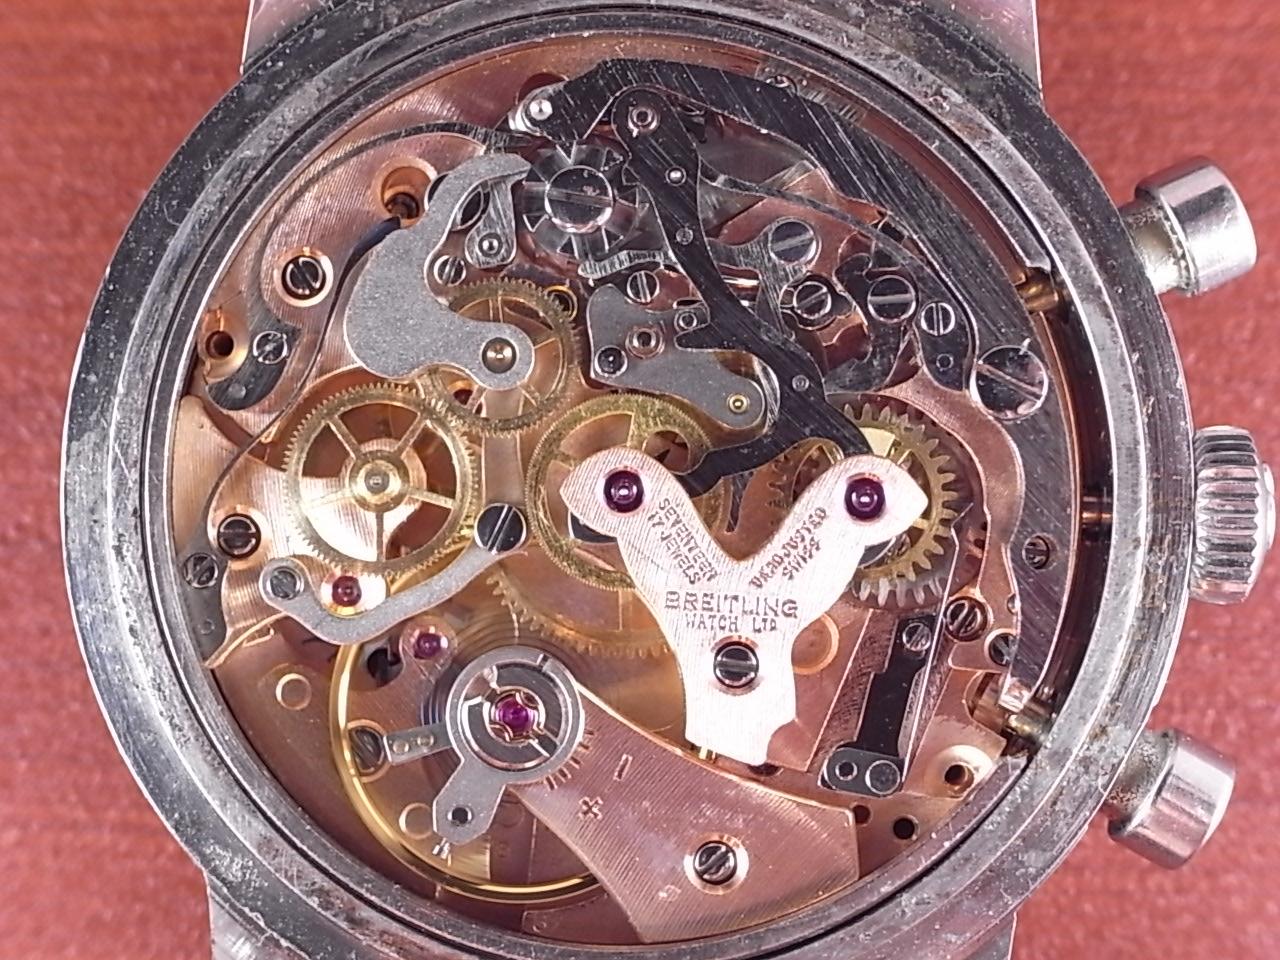 ブライトリング トップタイム AOPA Ref.810 ヴィーナス178 1960年代の写真5枚目